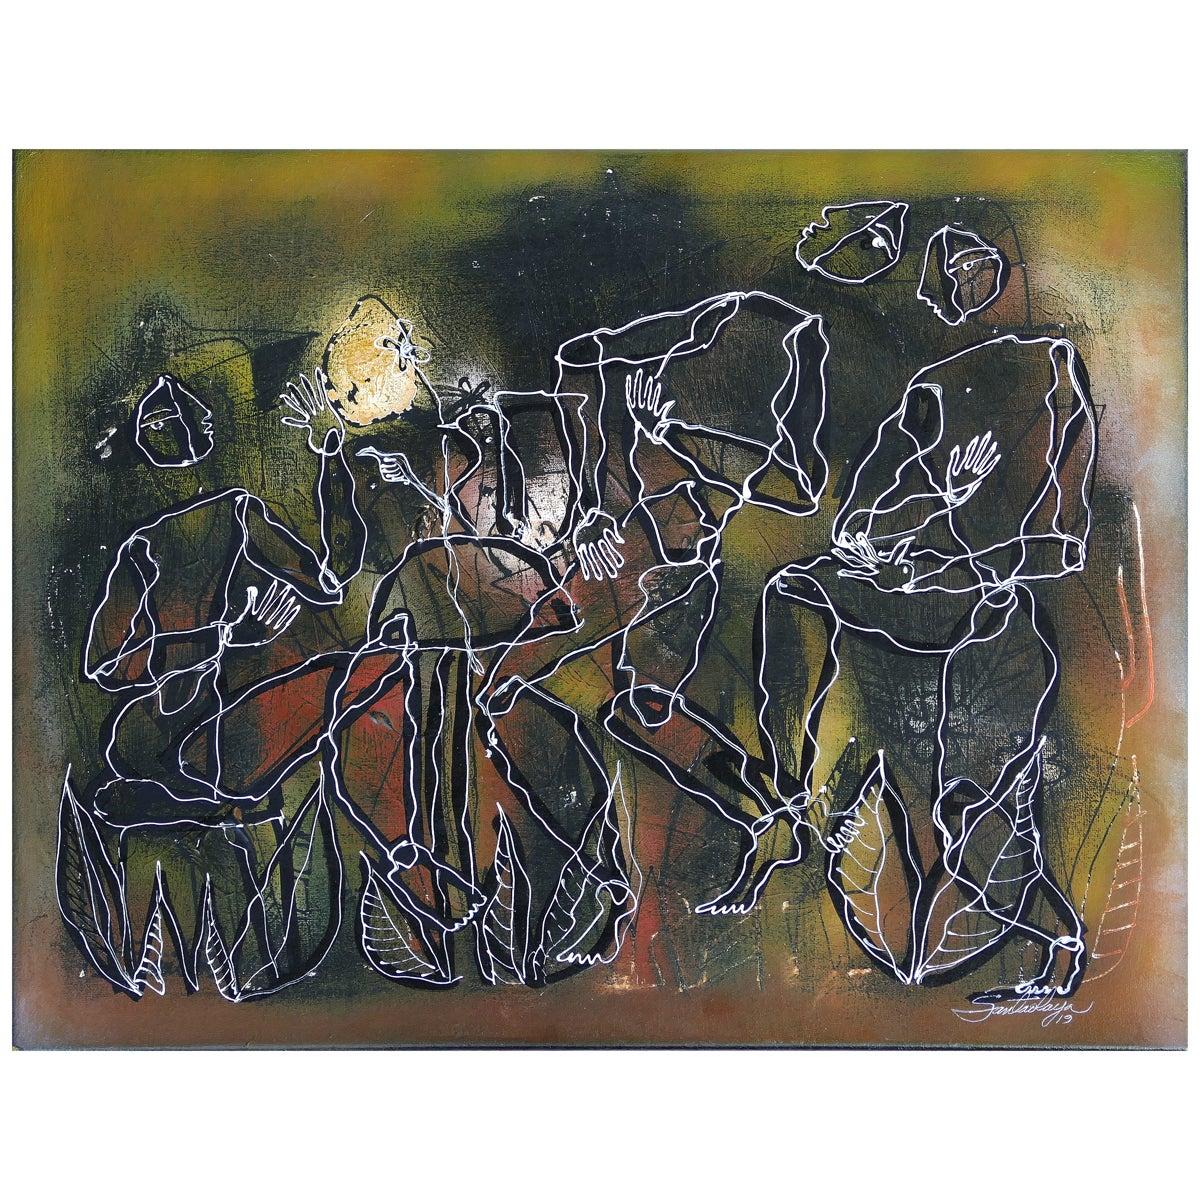 Hiremio Garcia Santaolaya Abstract Painting, Cuban American Artist